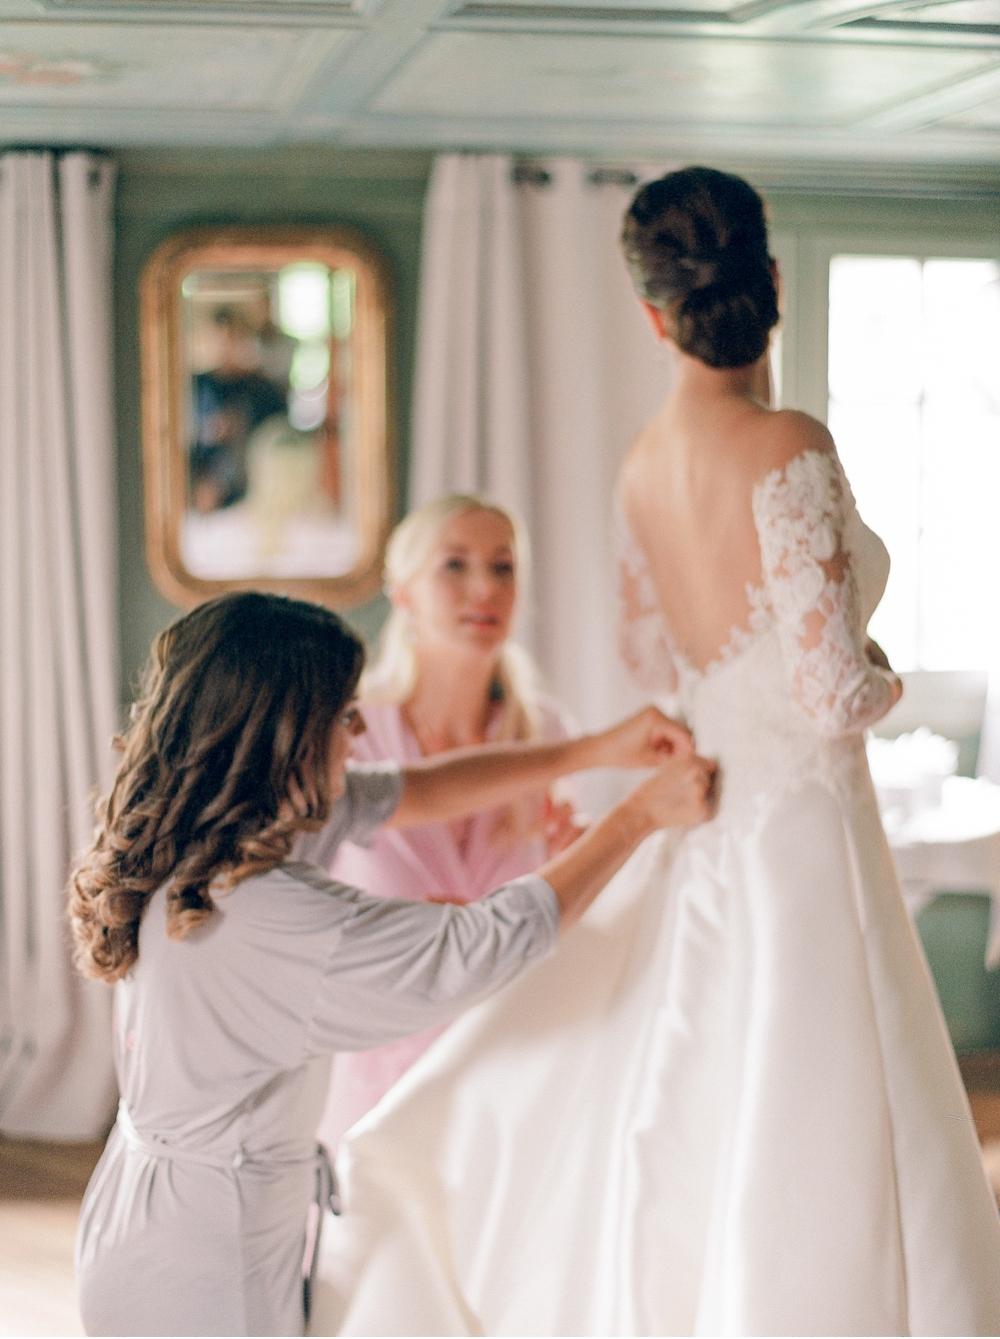 Hochzeitsfotograf_Voralberg_Bregenz_Bodensee©MadalinaSheldon__0014.jpg